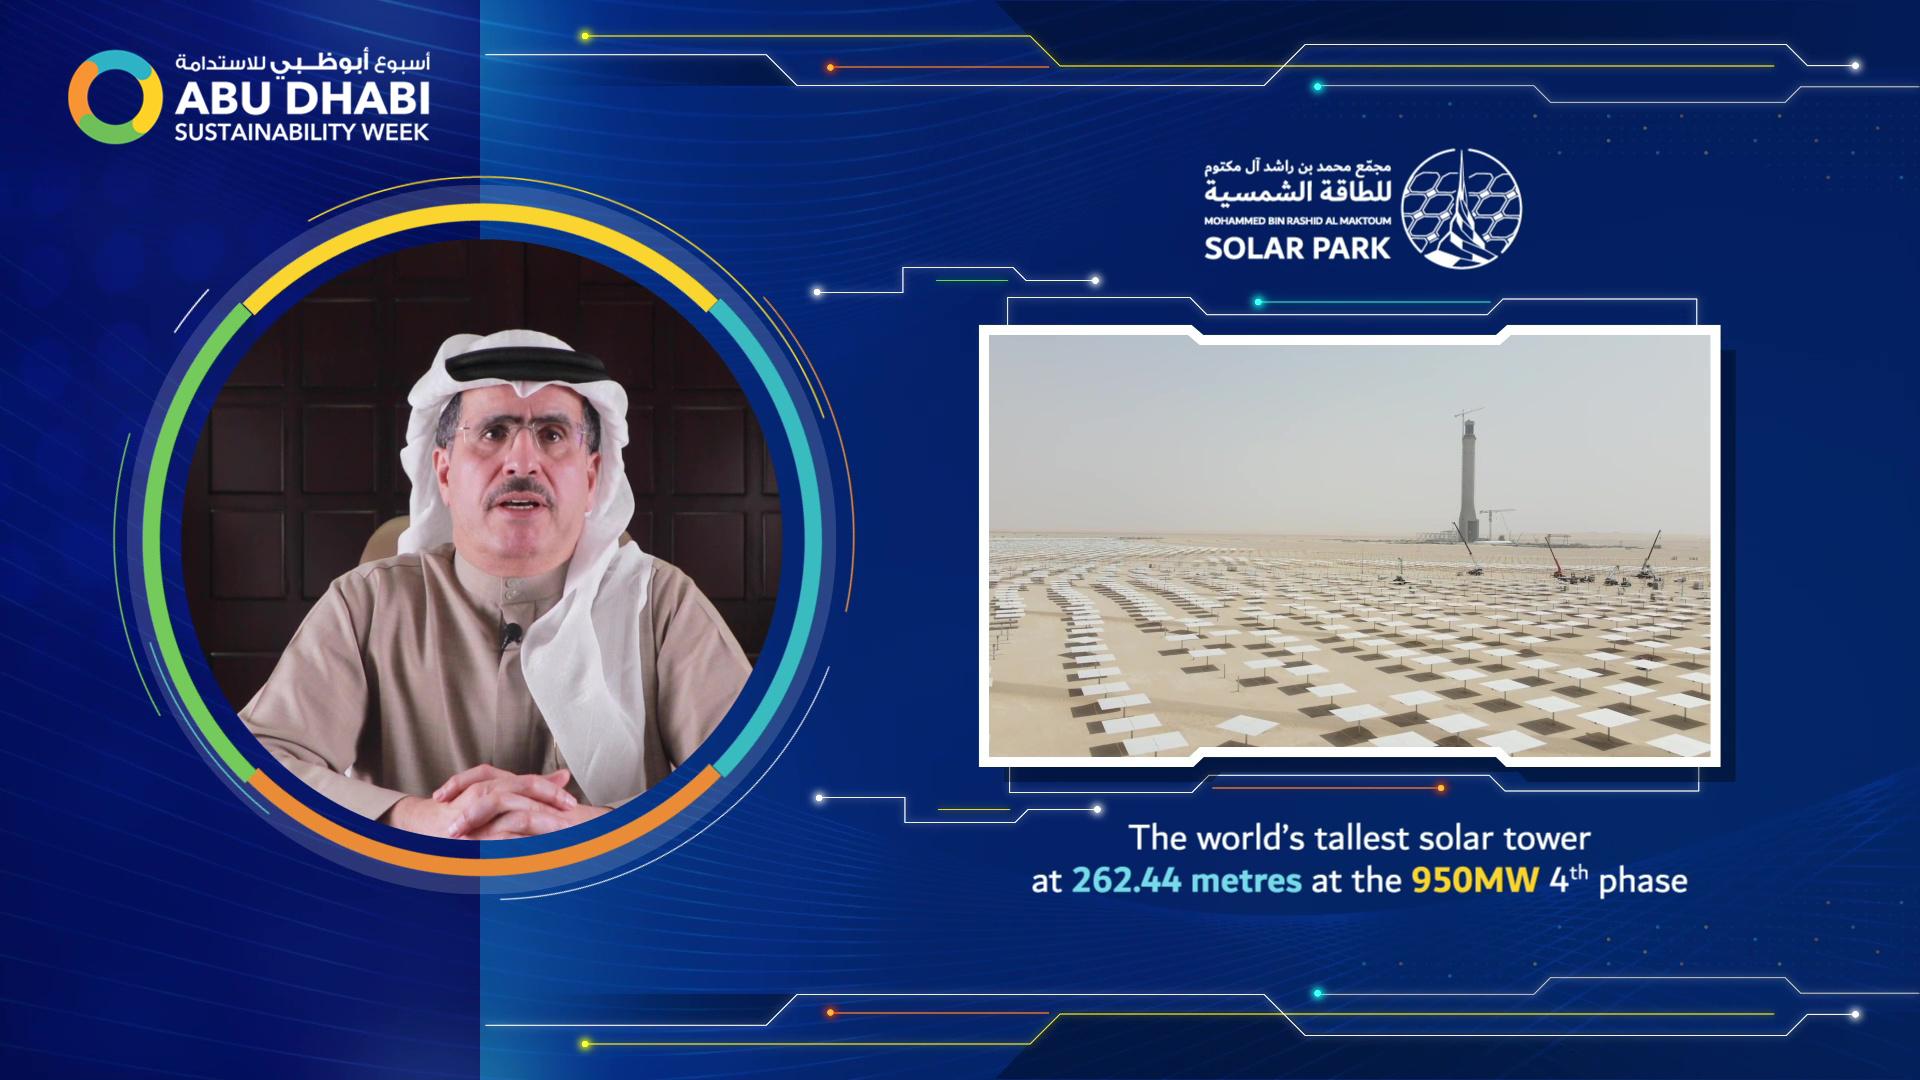 معالي سعيد محمد الطاير يعلن أن دبي حققت أدنى مدة انقطاع للكهرباء لكل مشترك سنوياً وأدنى فاقد في شبكات نقل وتوزيع الكهرباء وأدنى فاقد في شبكات المياه على مستوى العالم